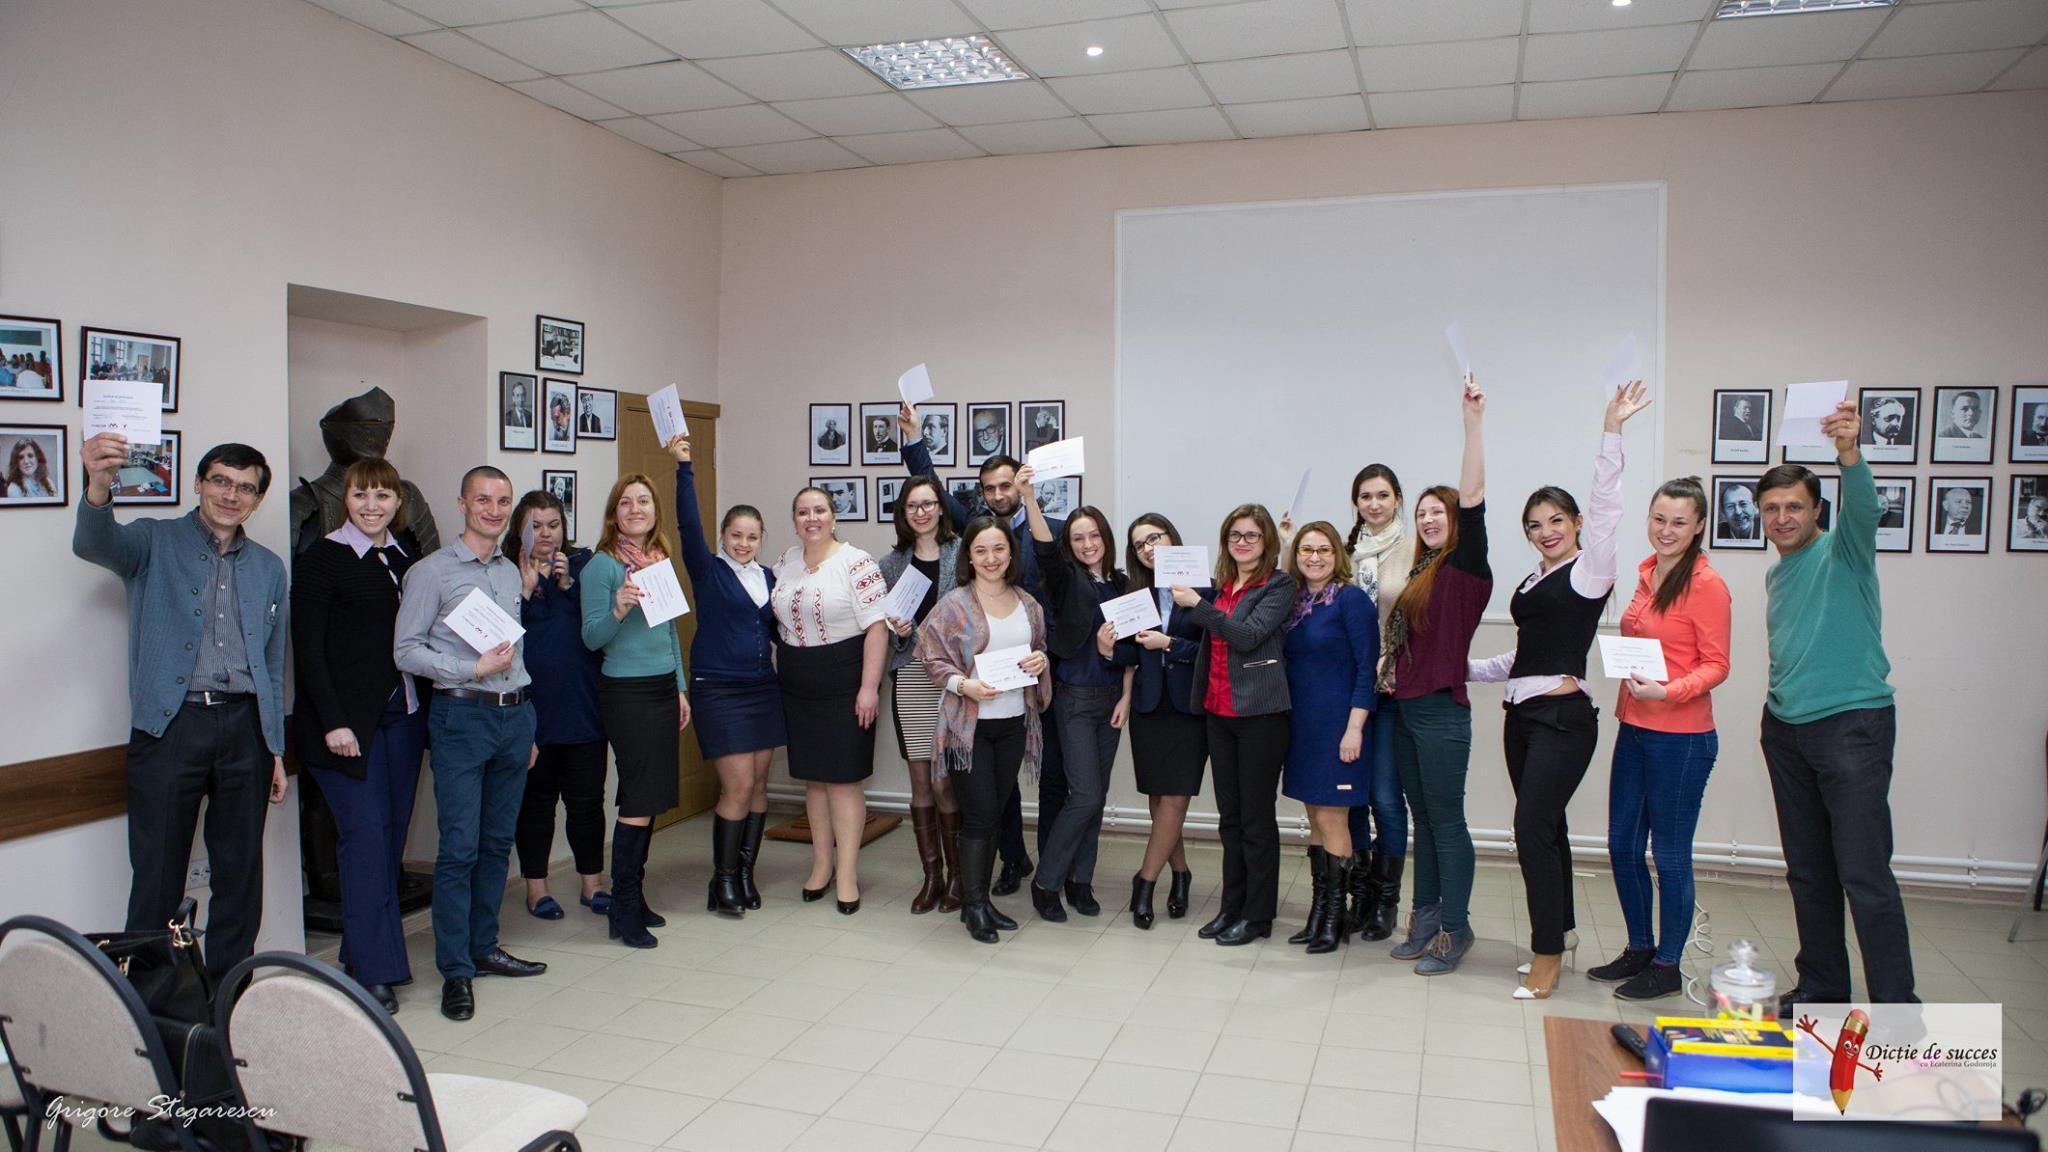 Înmânare certificate la ora de dicție în Moldova